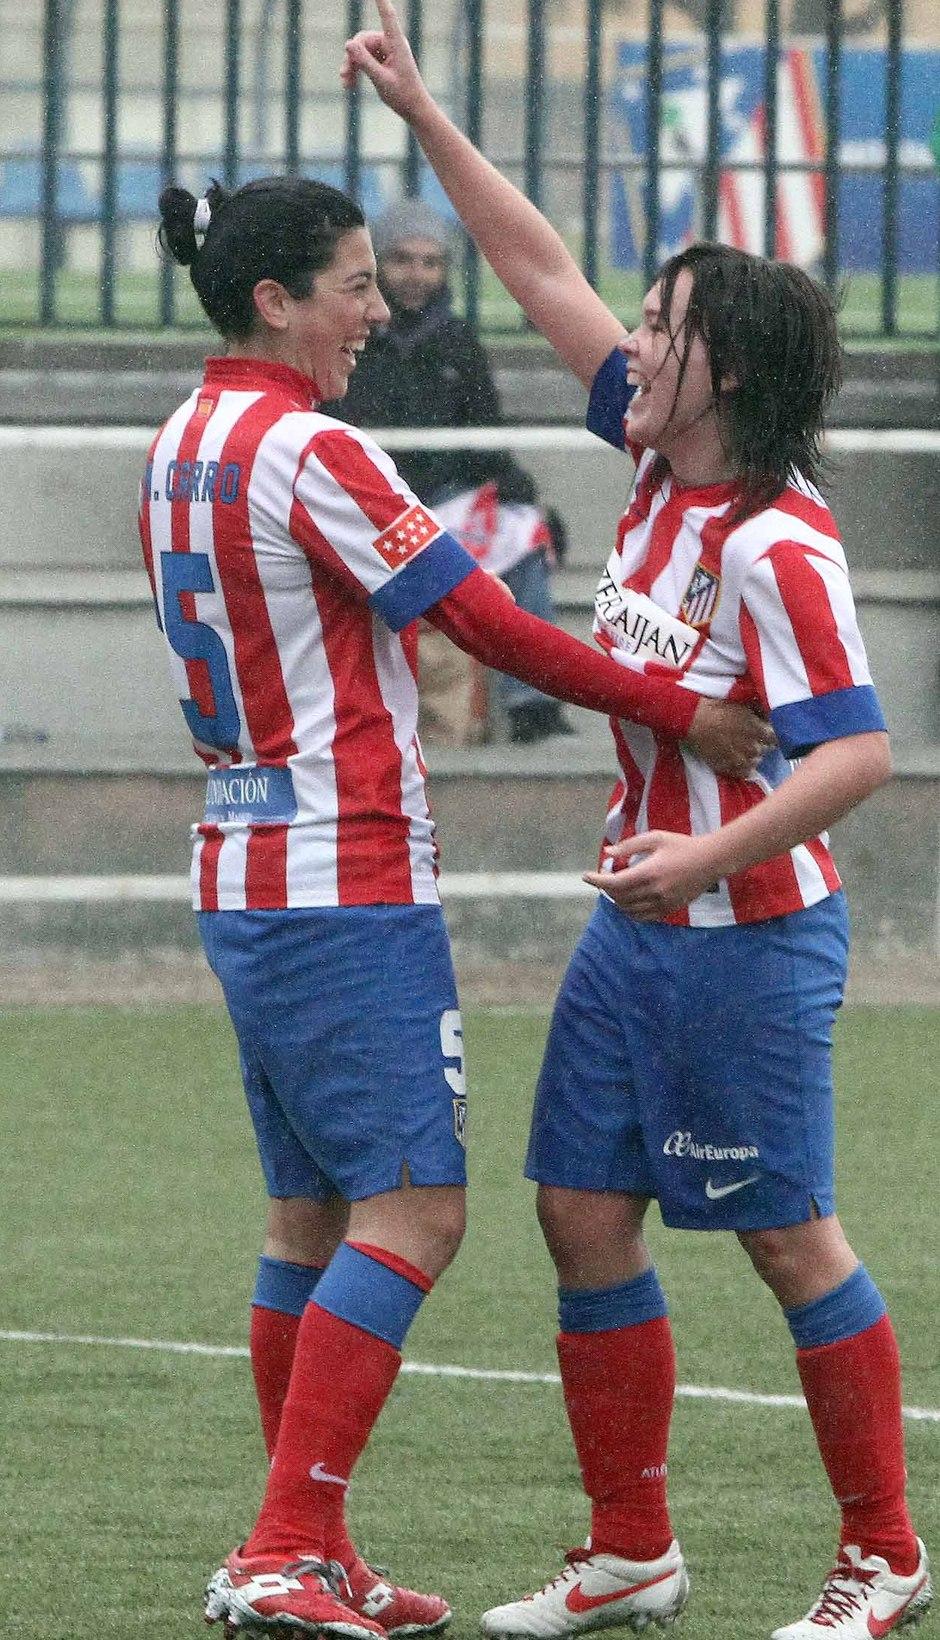 Temporada 2012-2013. Marta Carro y Laura Ortiz fueron protagonistas en la victoria rojiblanca